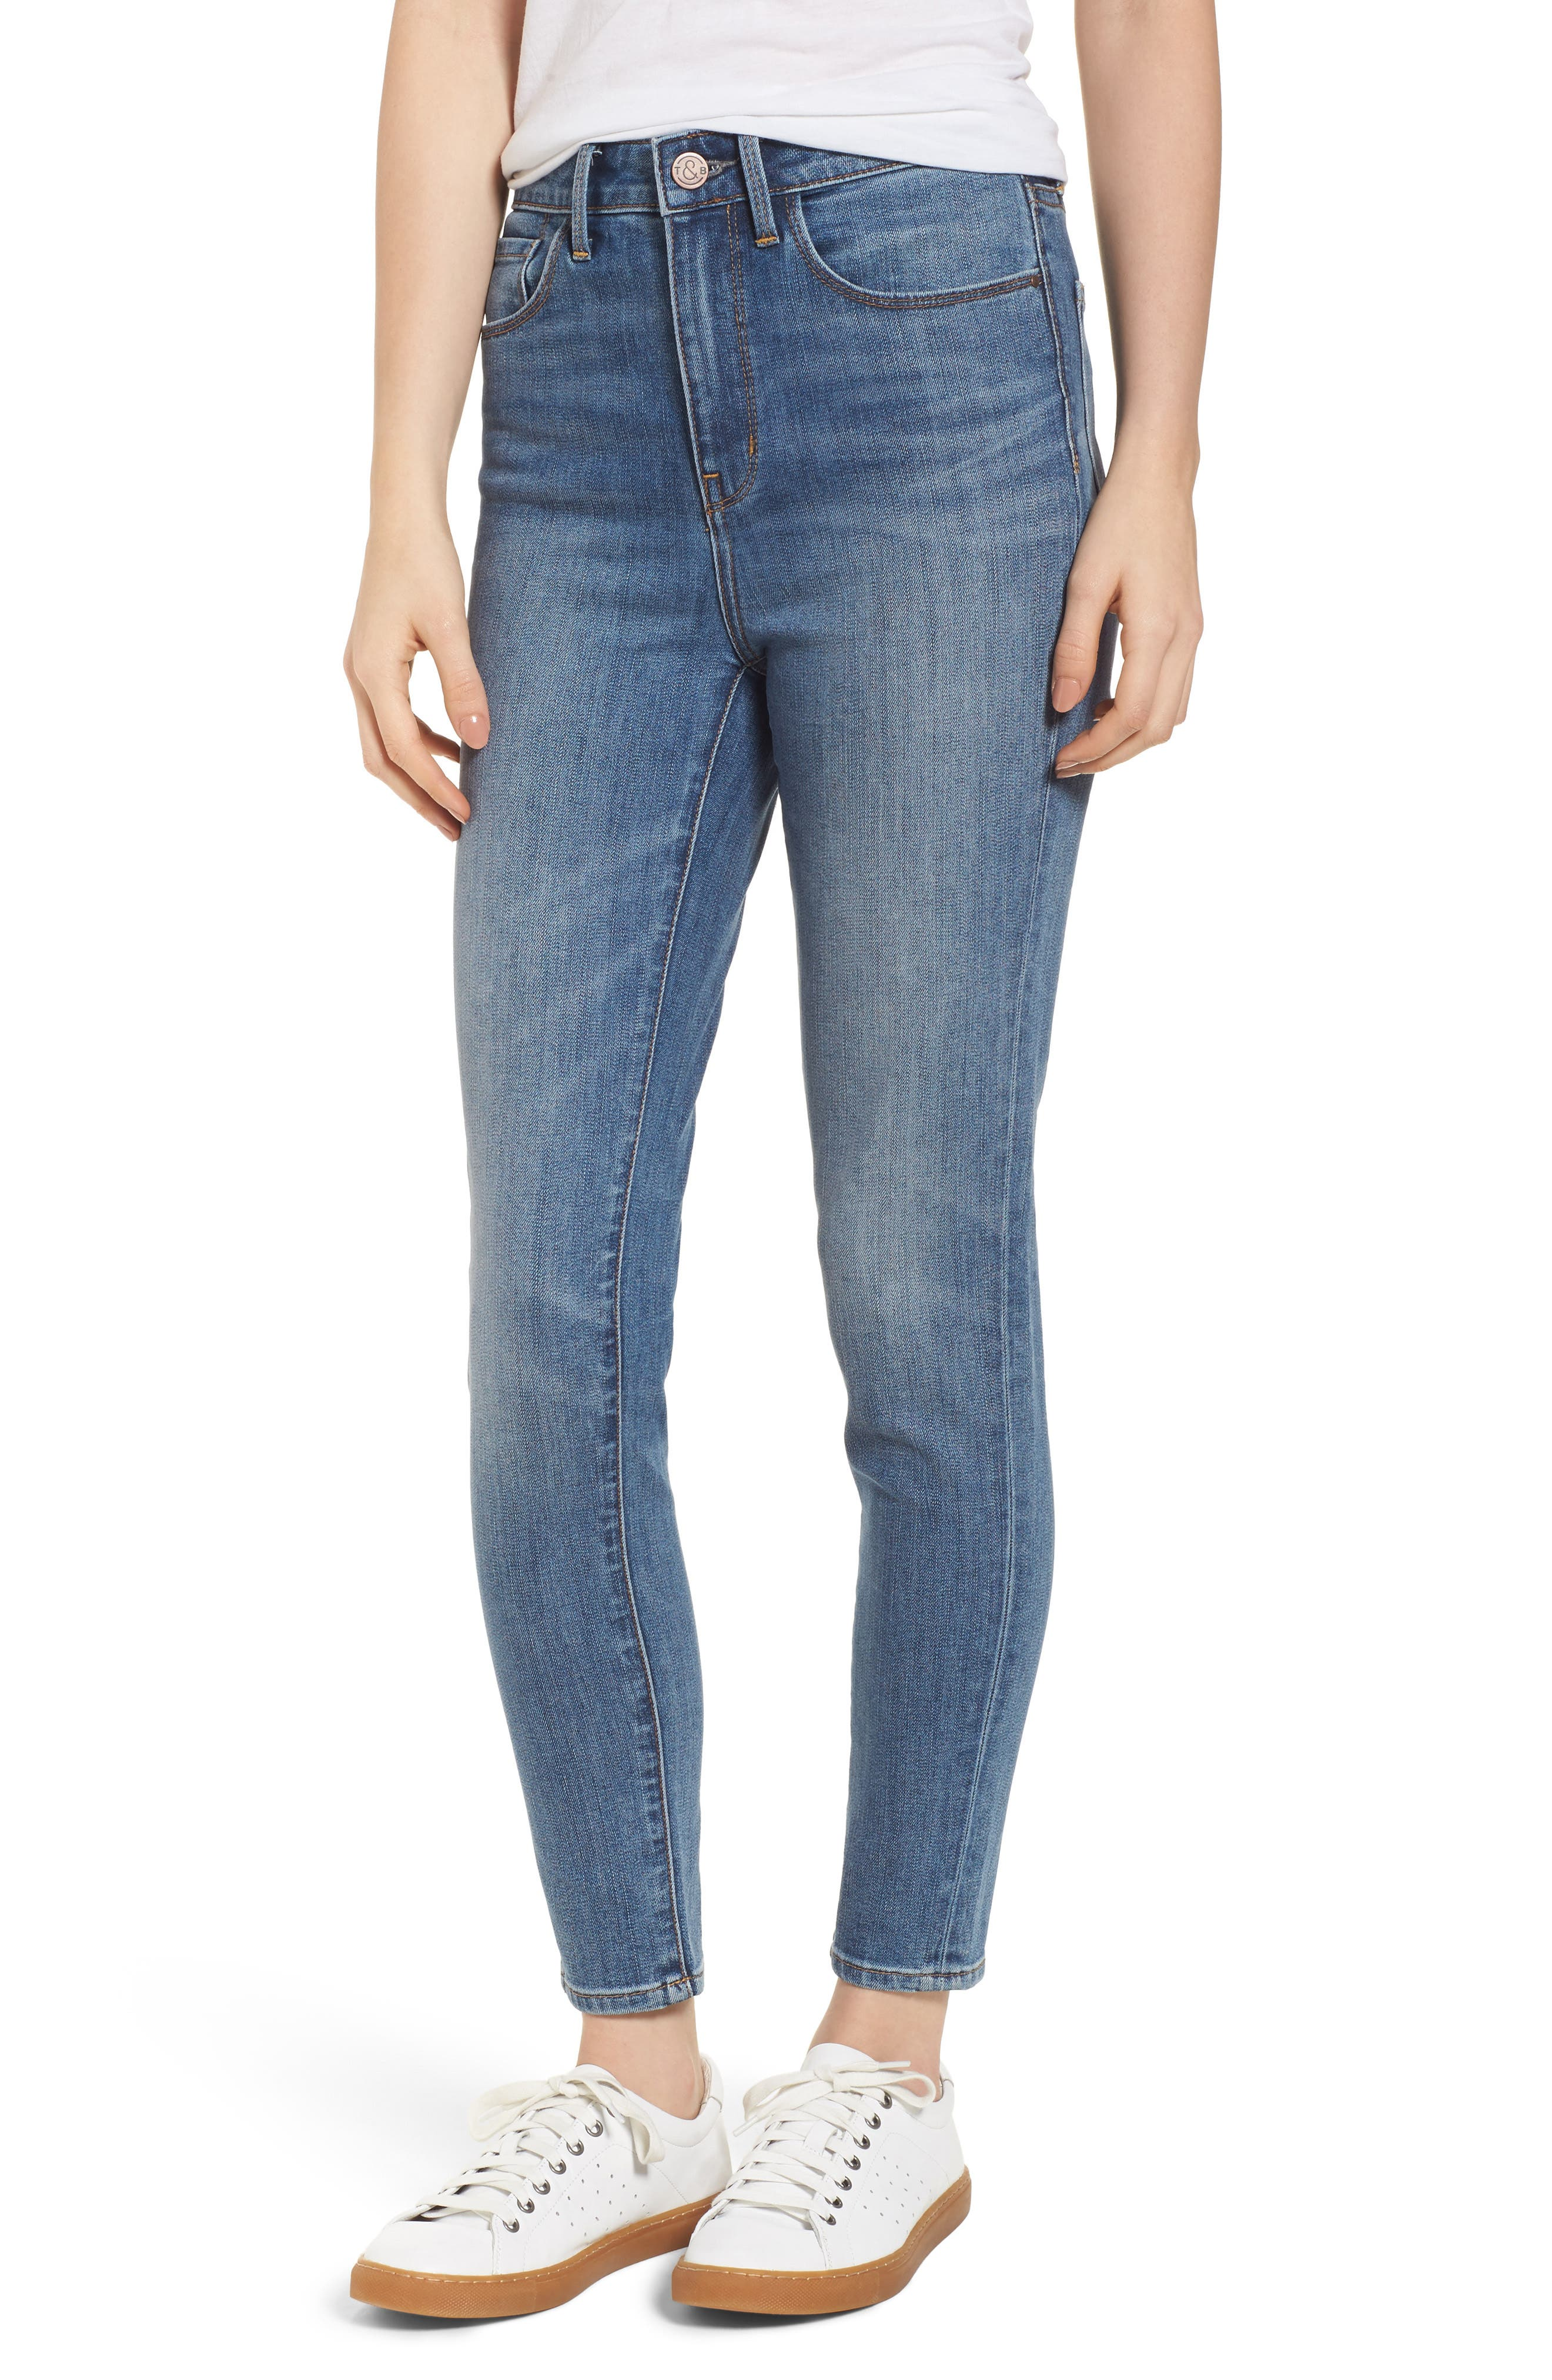 Charity High Waist Skinny Ankle Jeans,                         Main,                         color, Rain Dusk Worn